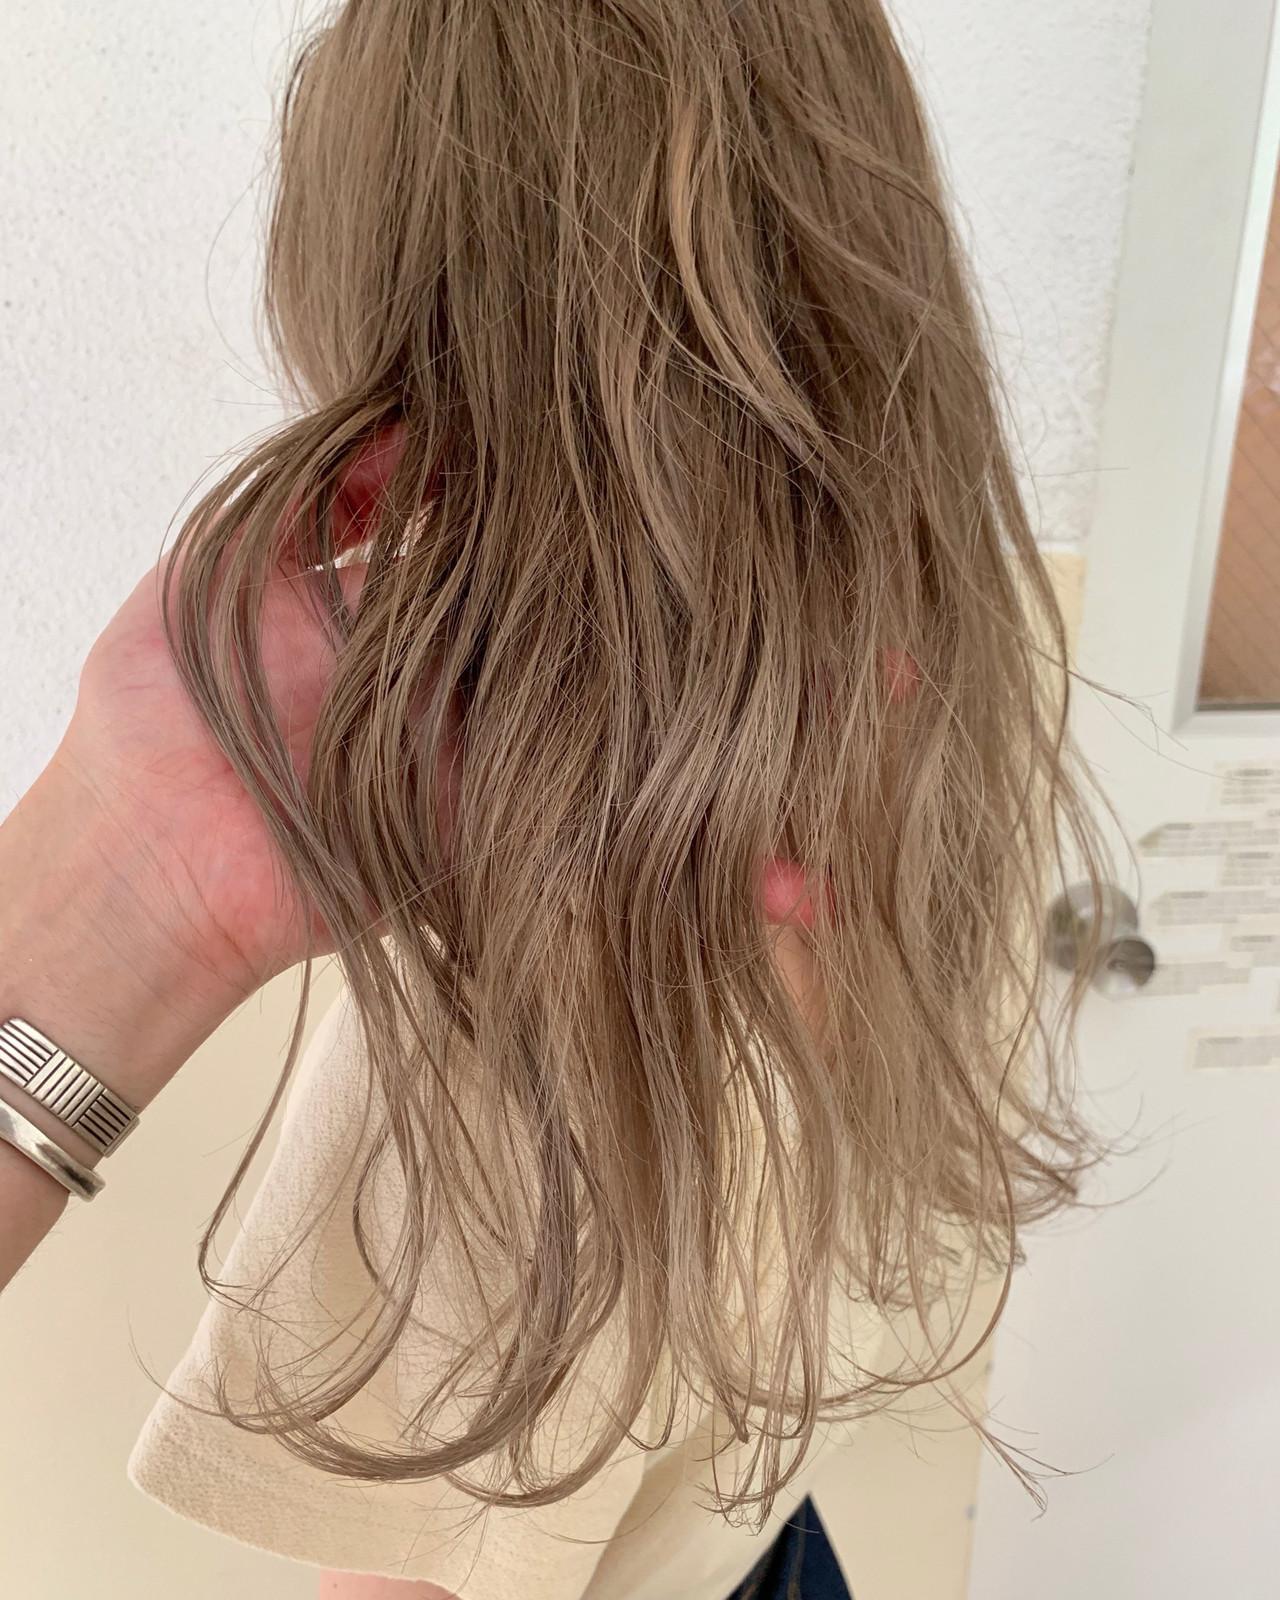 ベージュ ロング ブロンドカラー ダブルカラー ヘアスタイルや髪型の写真・画像   福岡 天神 上山 拓也 / Ticrohair